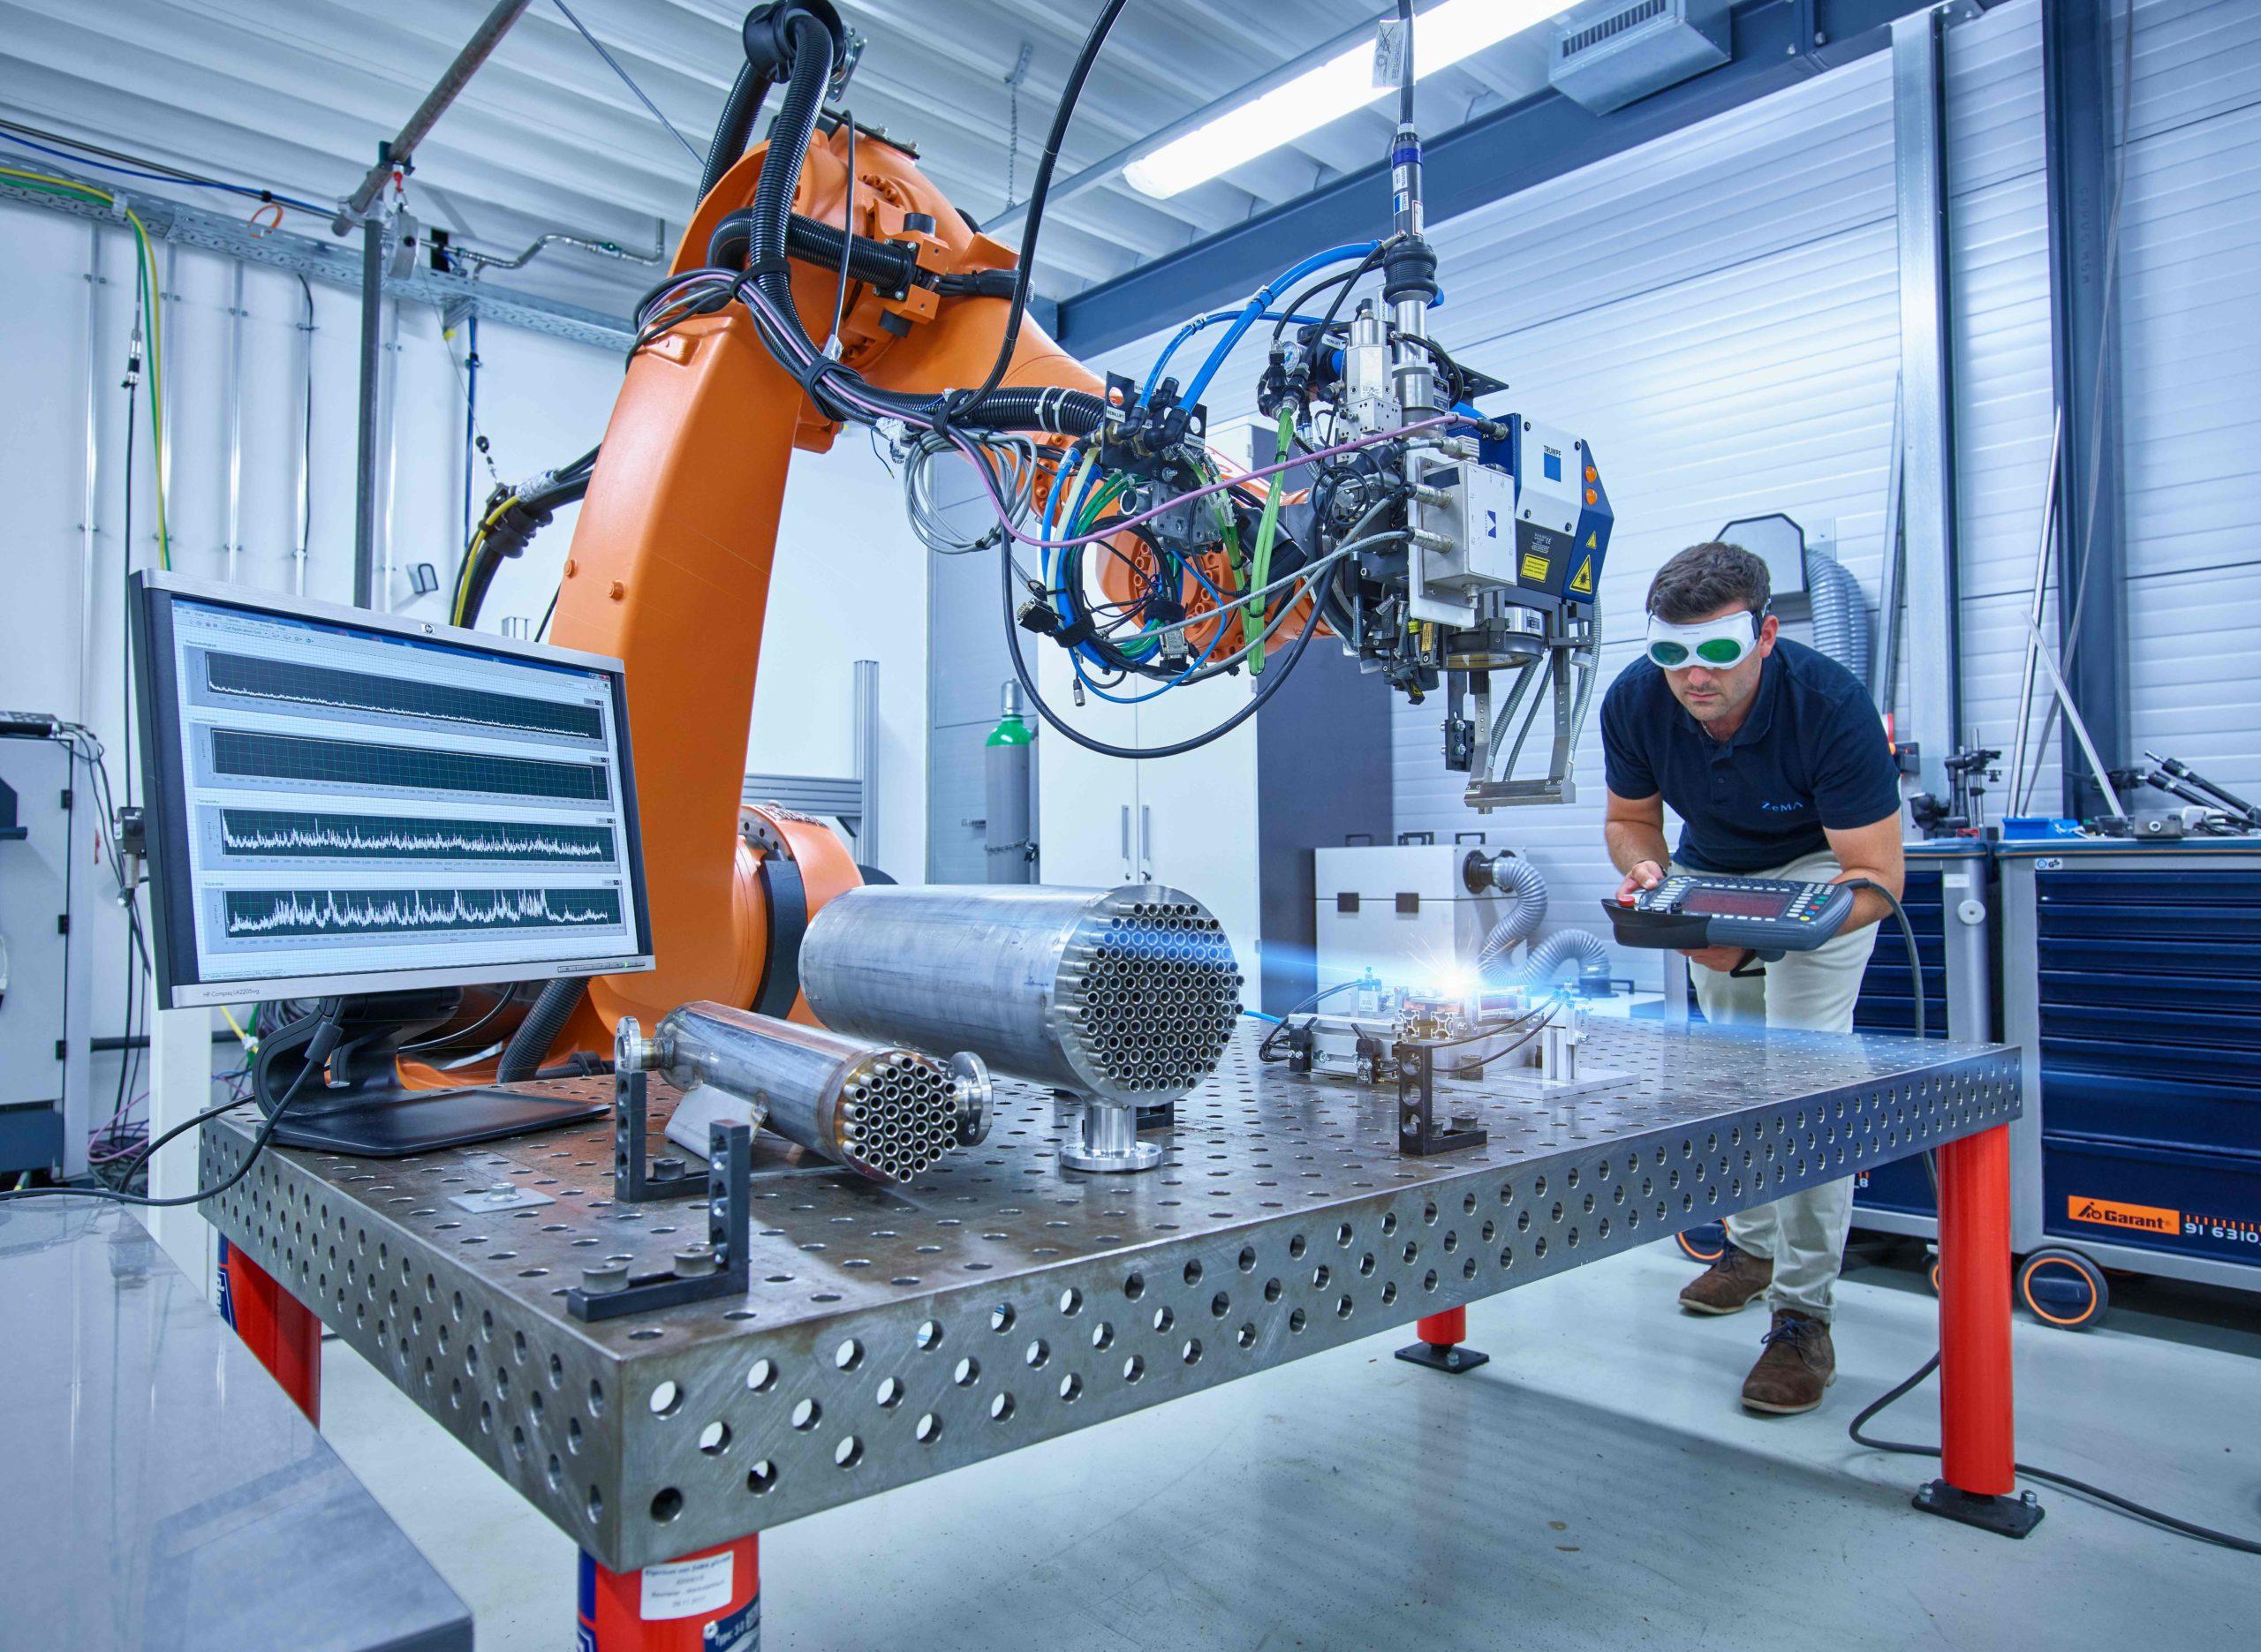 Wissenschaftler forscht mit Roboter